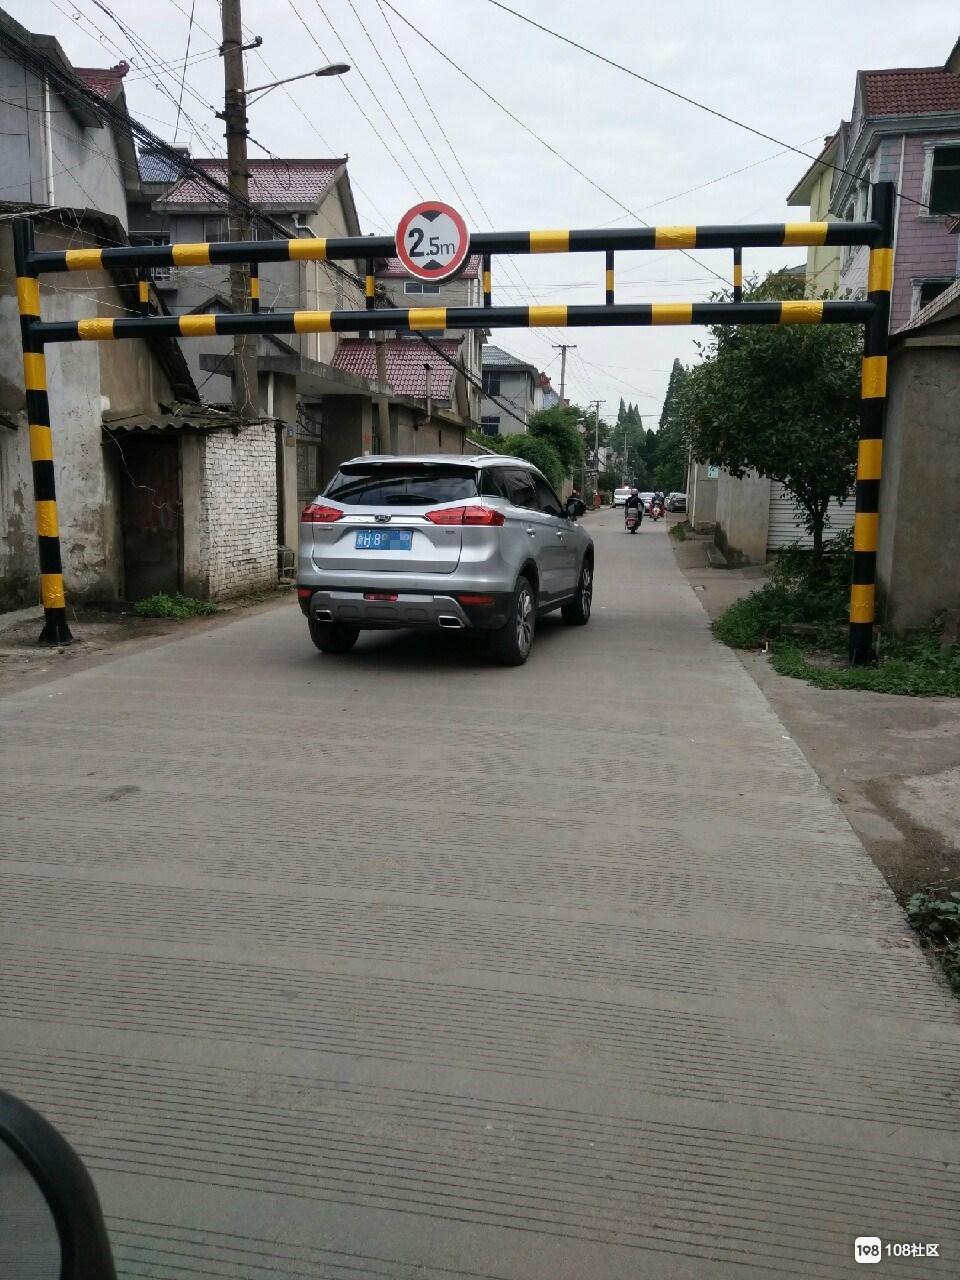 衢州这里的限高杆复原啦,大车司机注意绕行